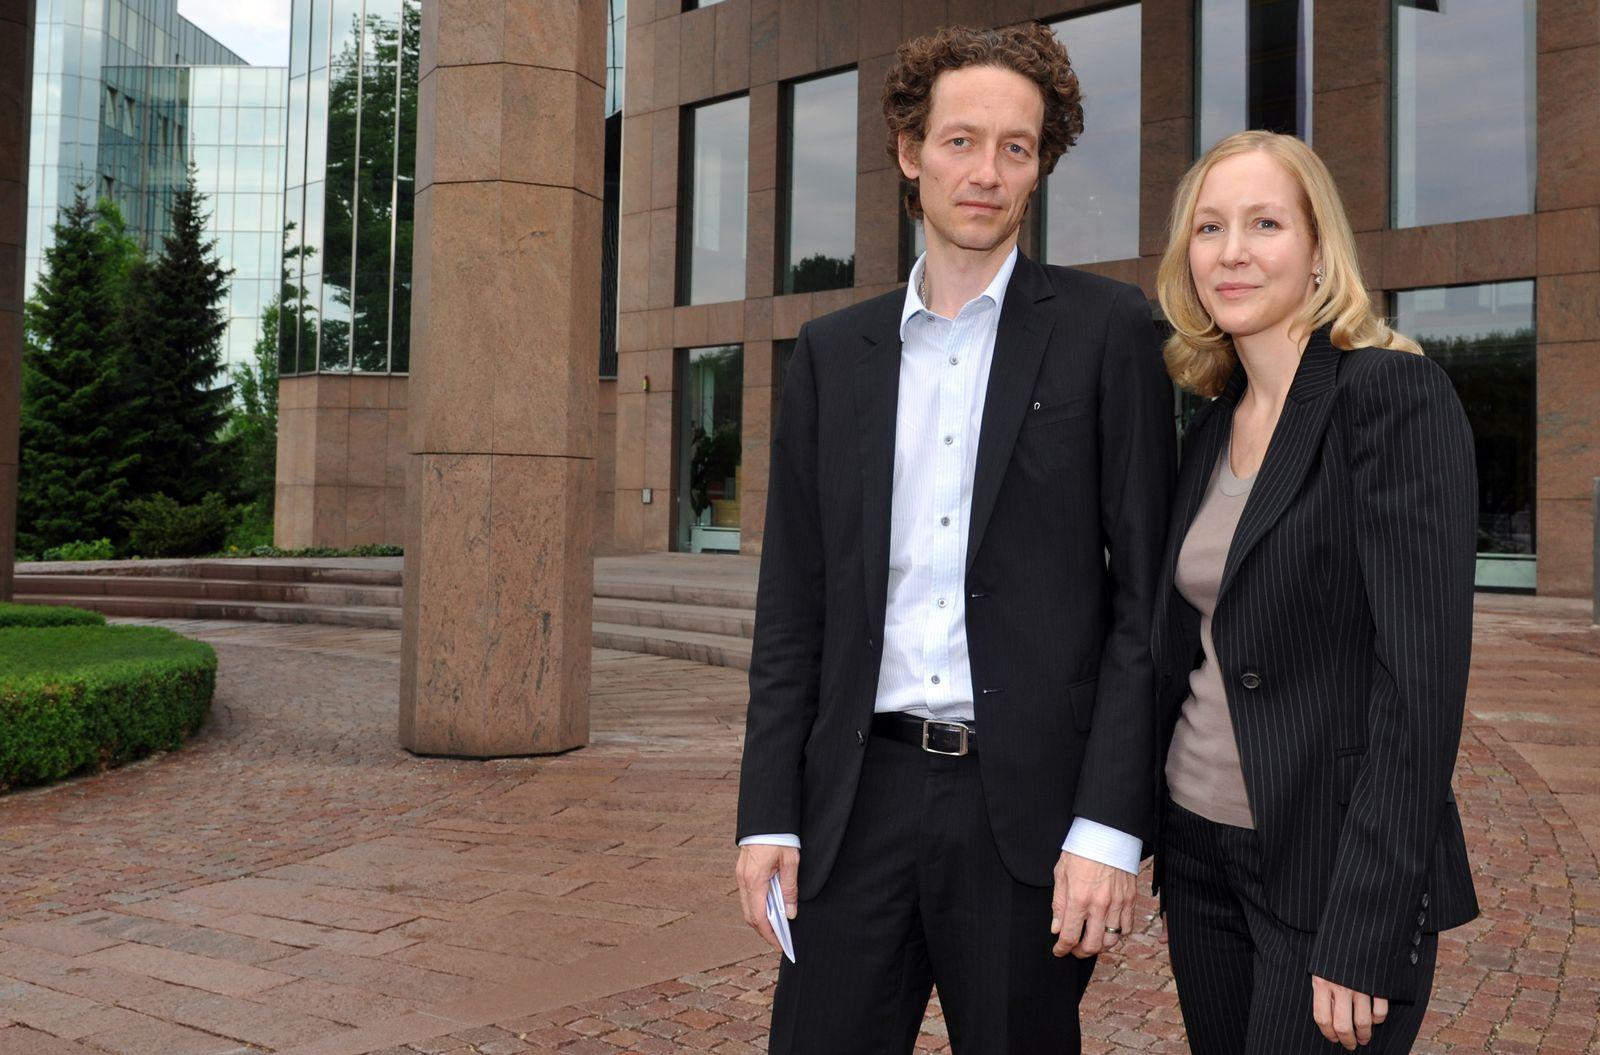 Lars und Meike Schlecker